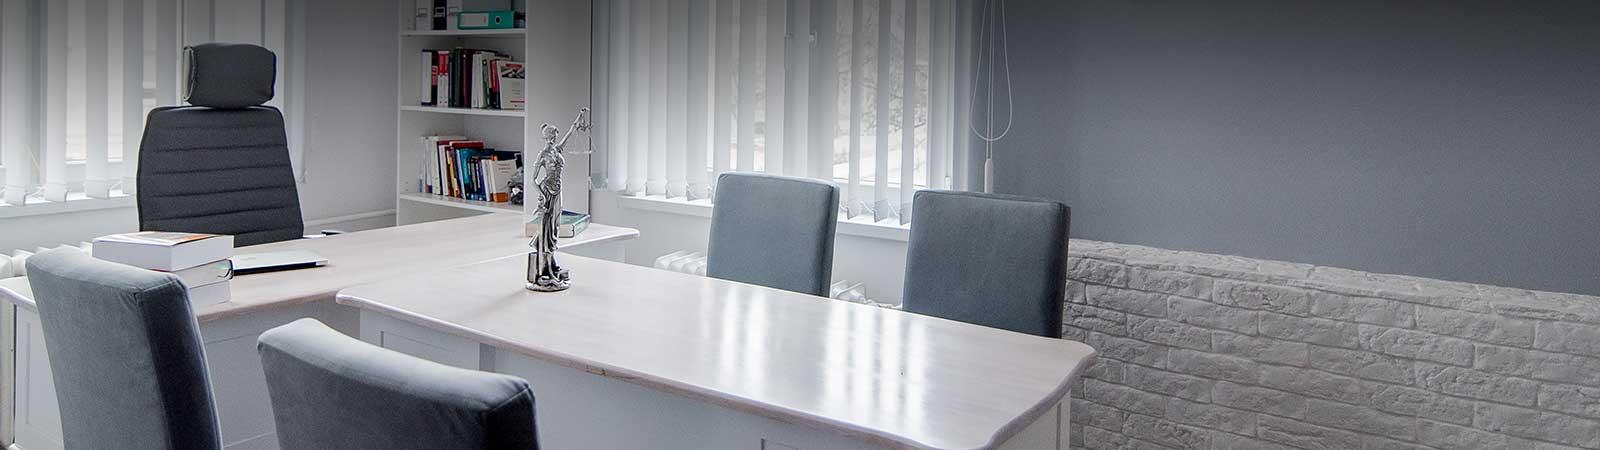 RODO - Kancelaria Prawna